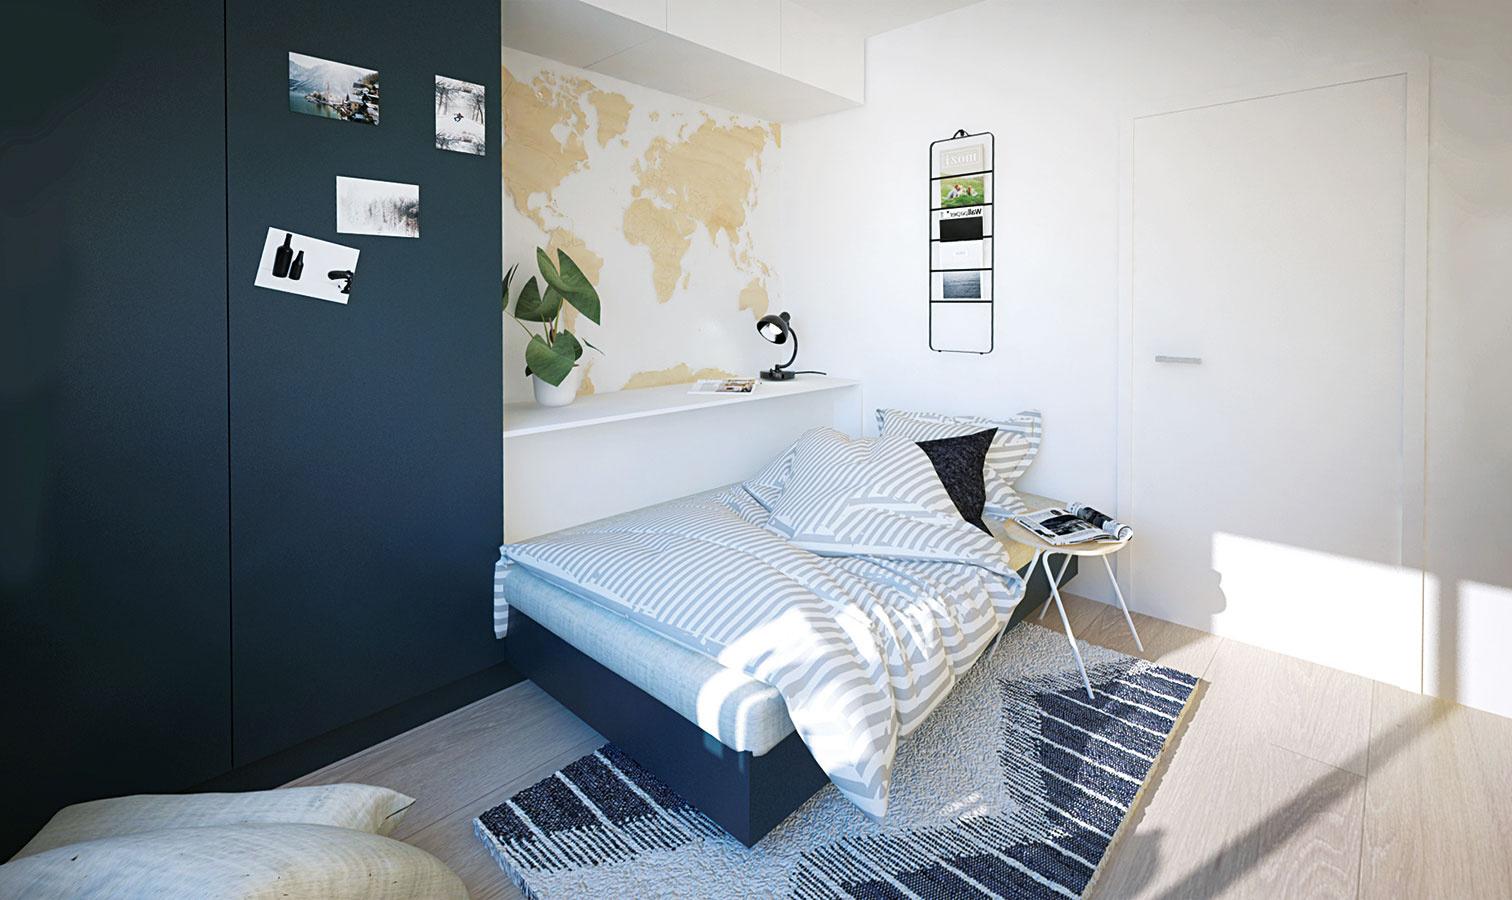 Výsuvná posteľ sa cez deň pomocou vankúšov zmení na sedačku. Takýmto spôsobom sa vpriestore spojili dva veľké kusy nábytku do jedného, ináč by sa tam nezmestili.